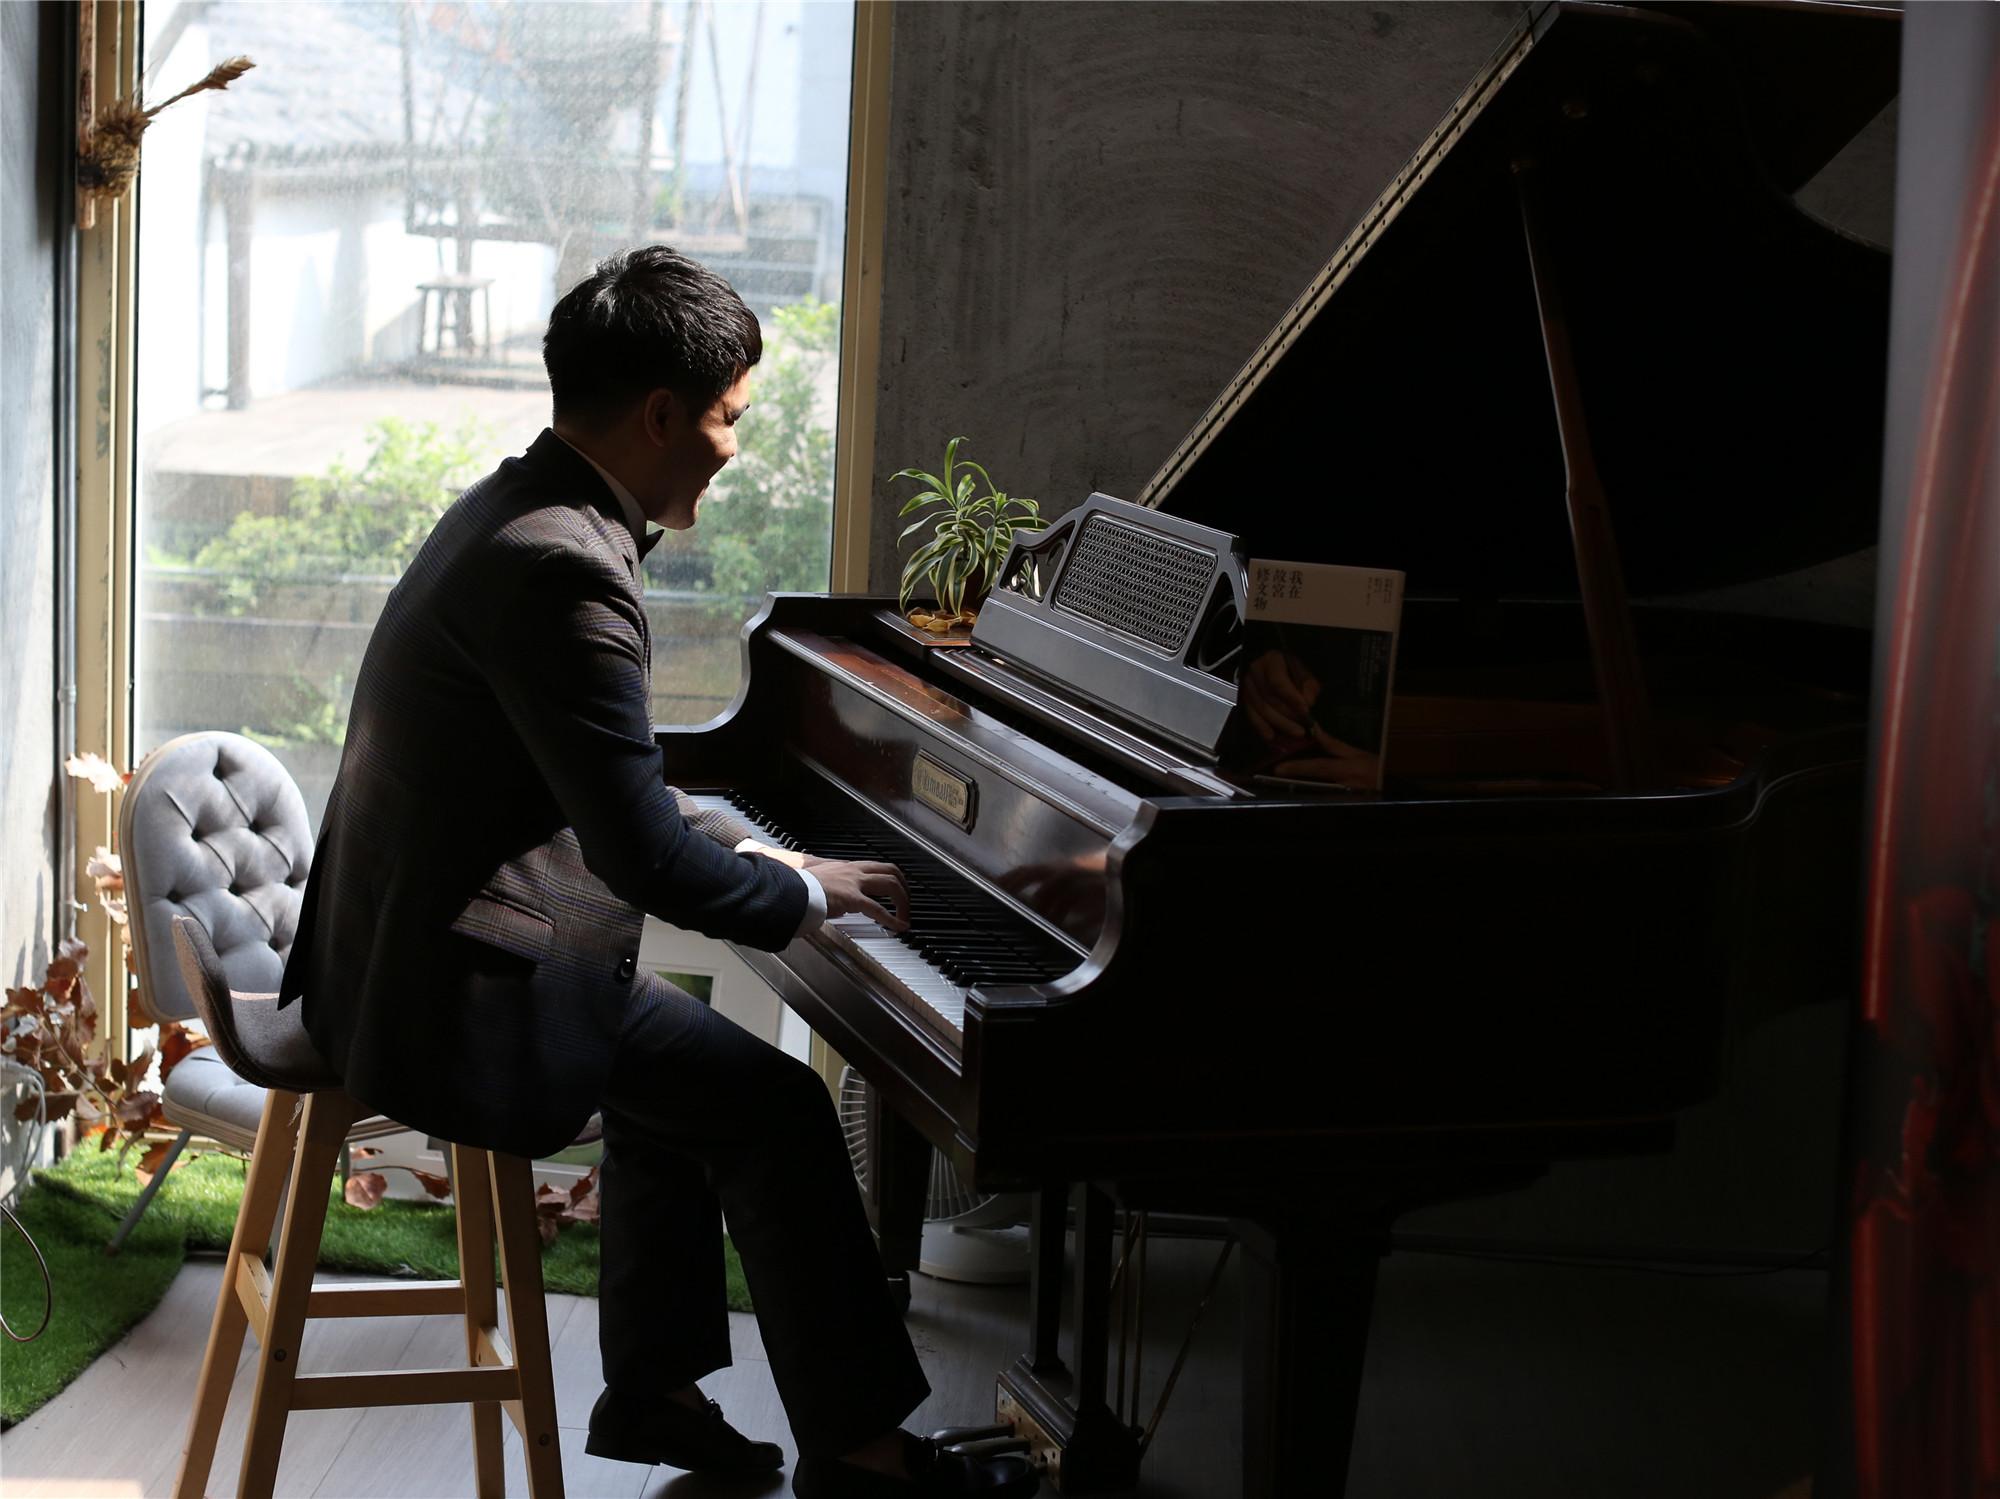 图为台湾盲人钢琴家黄裕翔现场演奏电影主题曲。新华社记者 陈君 摄。